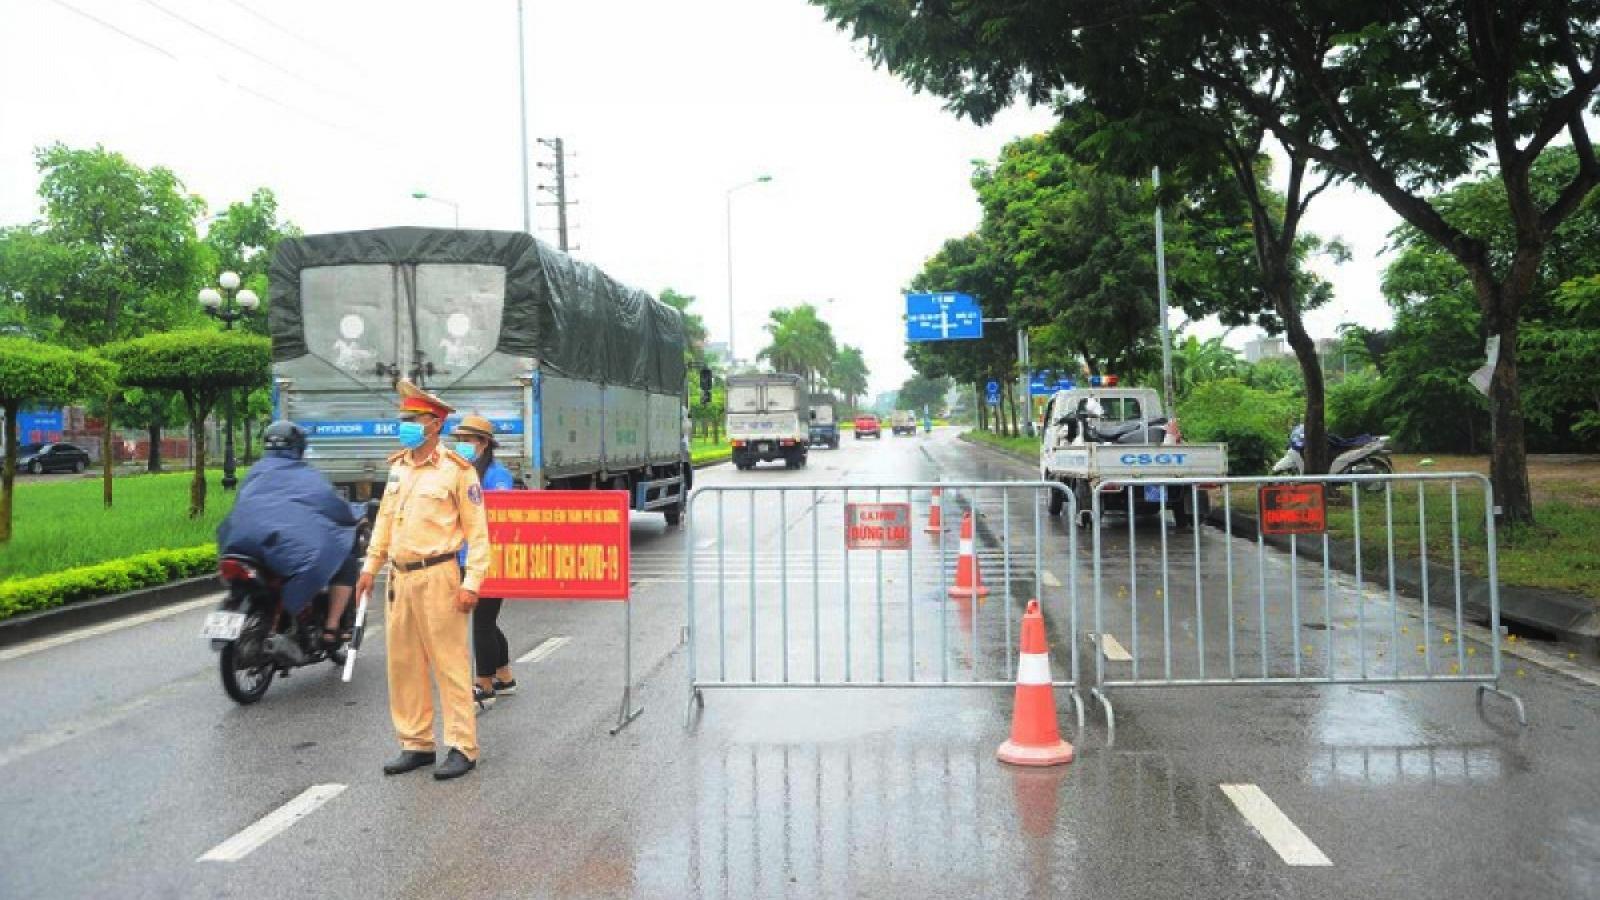 Yên Bái tạm dừng vận tải hành khách đi Hải Dương và Quảng Ninh